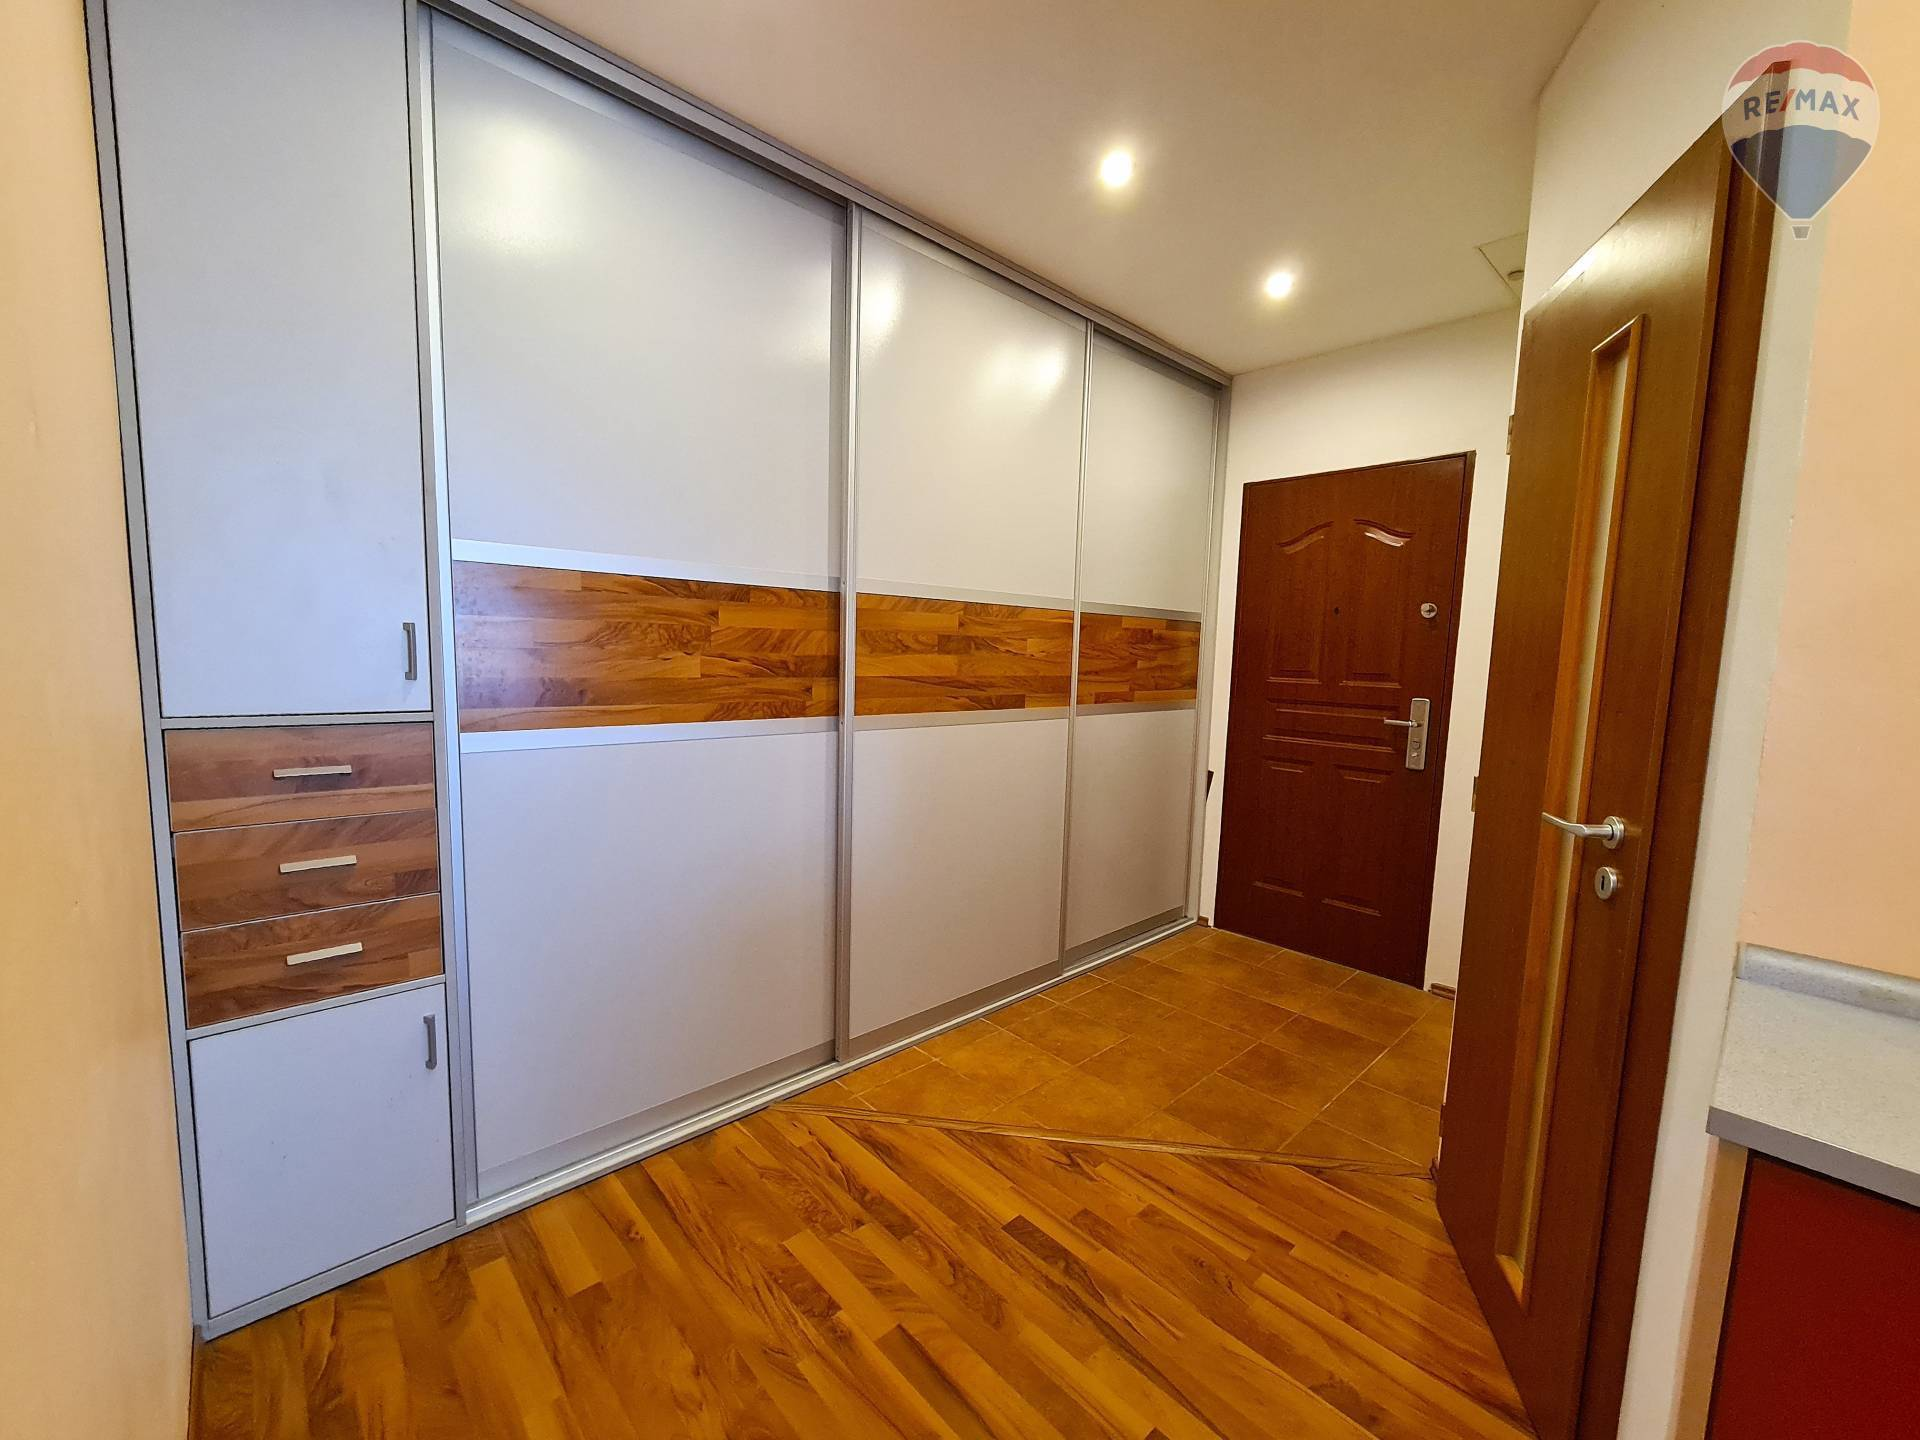 Predaj bytu (3 izbový) 77 m2, Liptovský Mikuláš - chodba